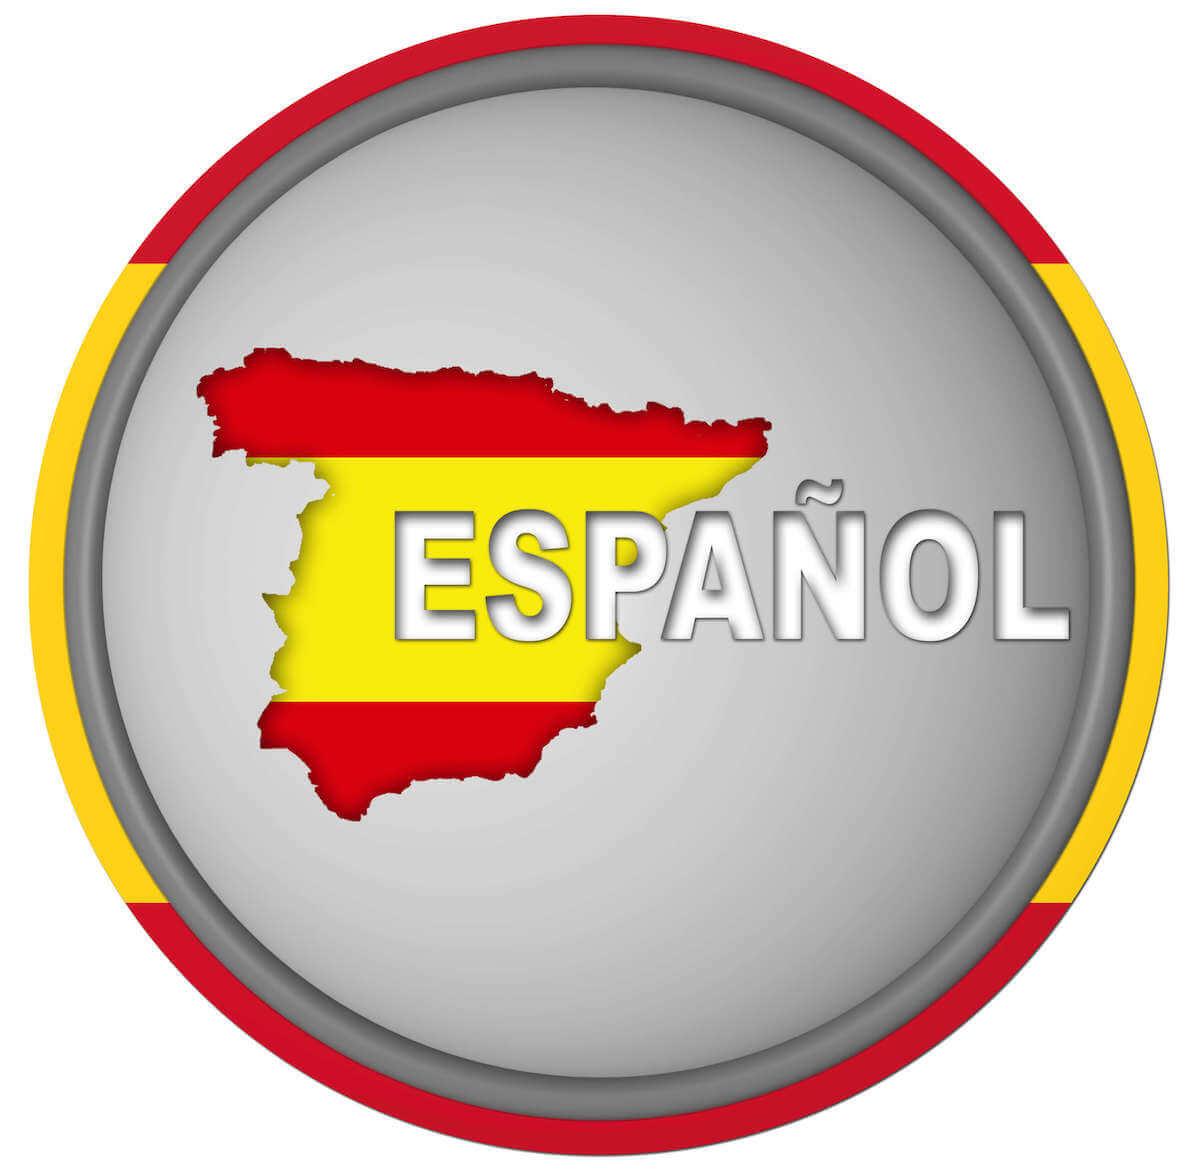 Trova traduttore spagnolo traduzione